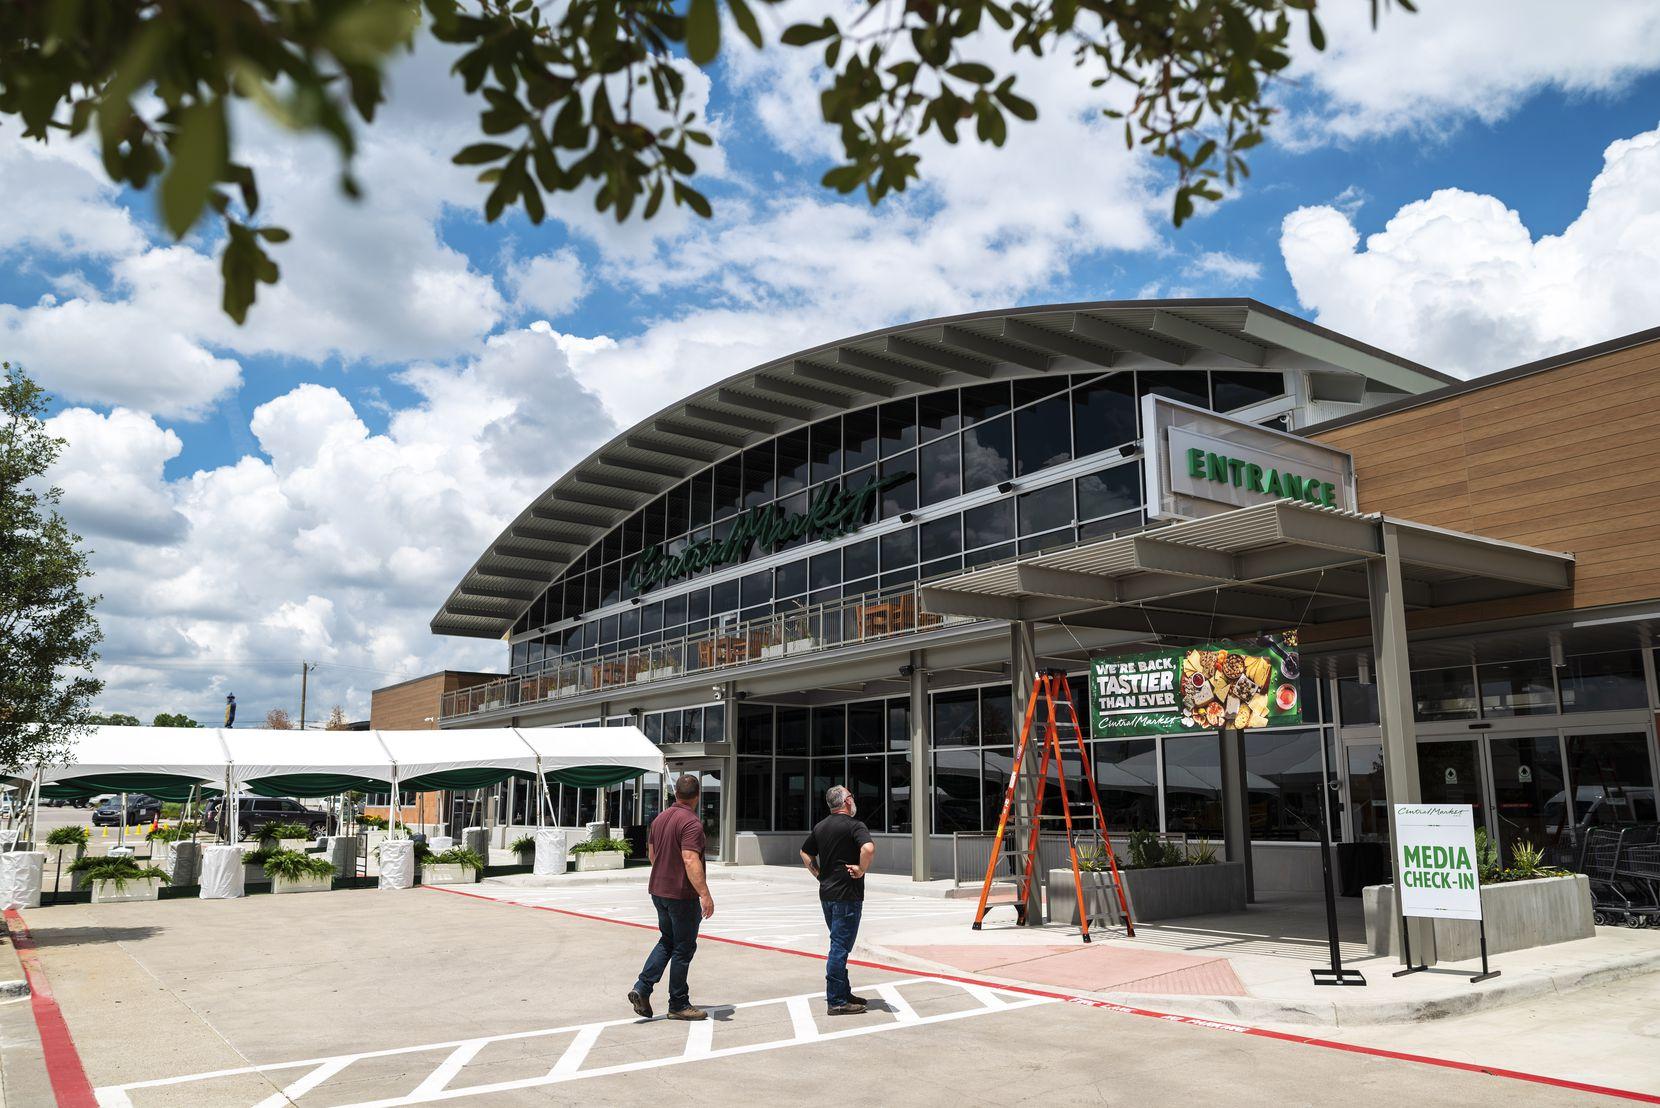 Vista del exterior de Central Market en Preston Road y Royal Lane para su reapertura el martes 29 de junio de 2021 en Dallas.